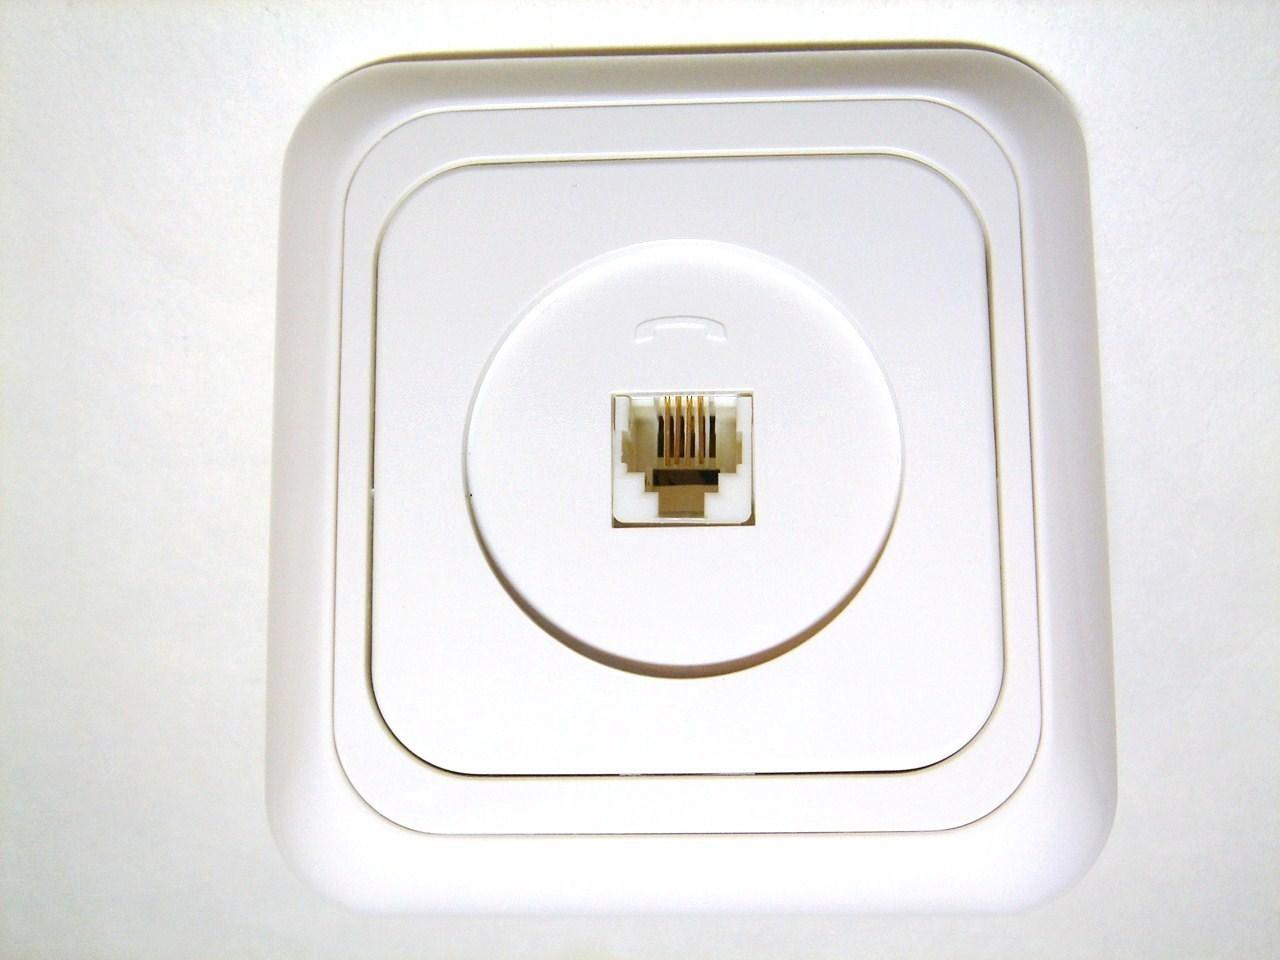 Telefoni süvispaigaldusega pistikupesad VI-KO (sari - Yasemin)